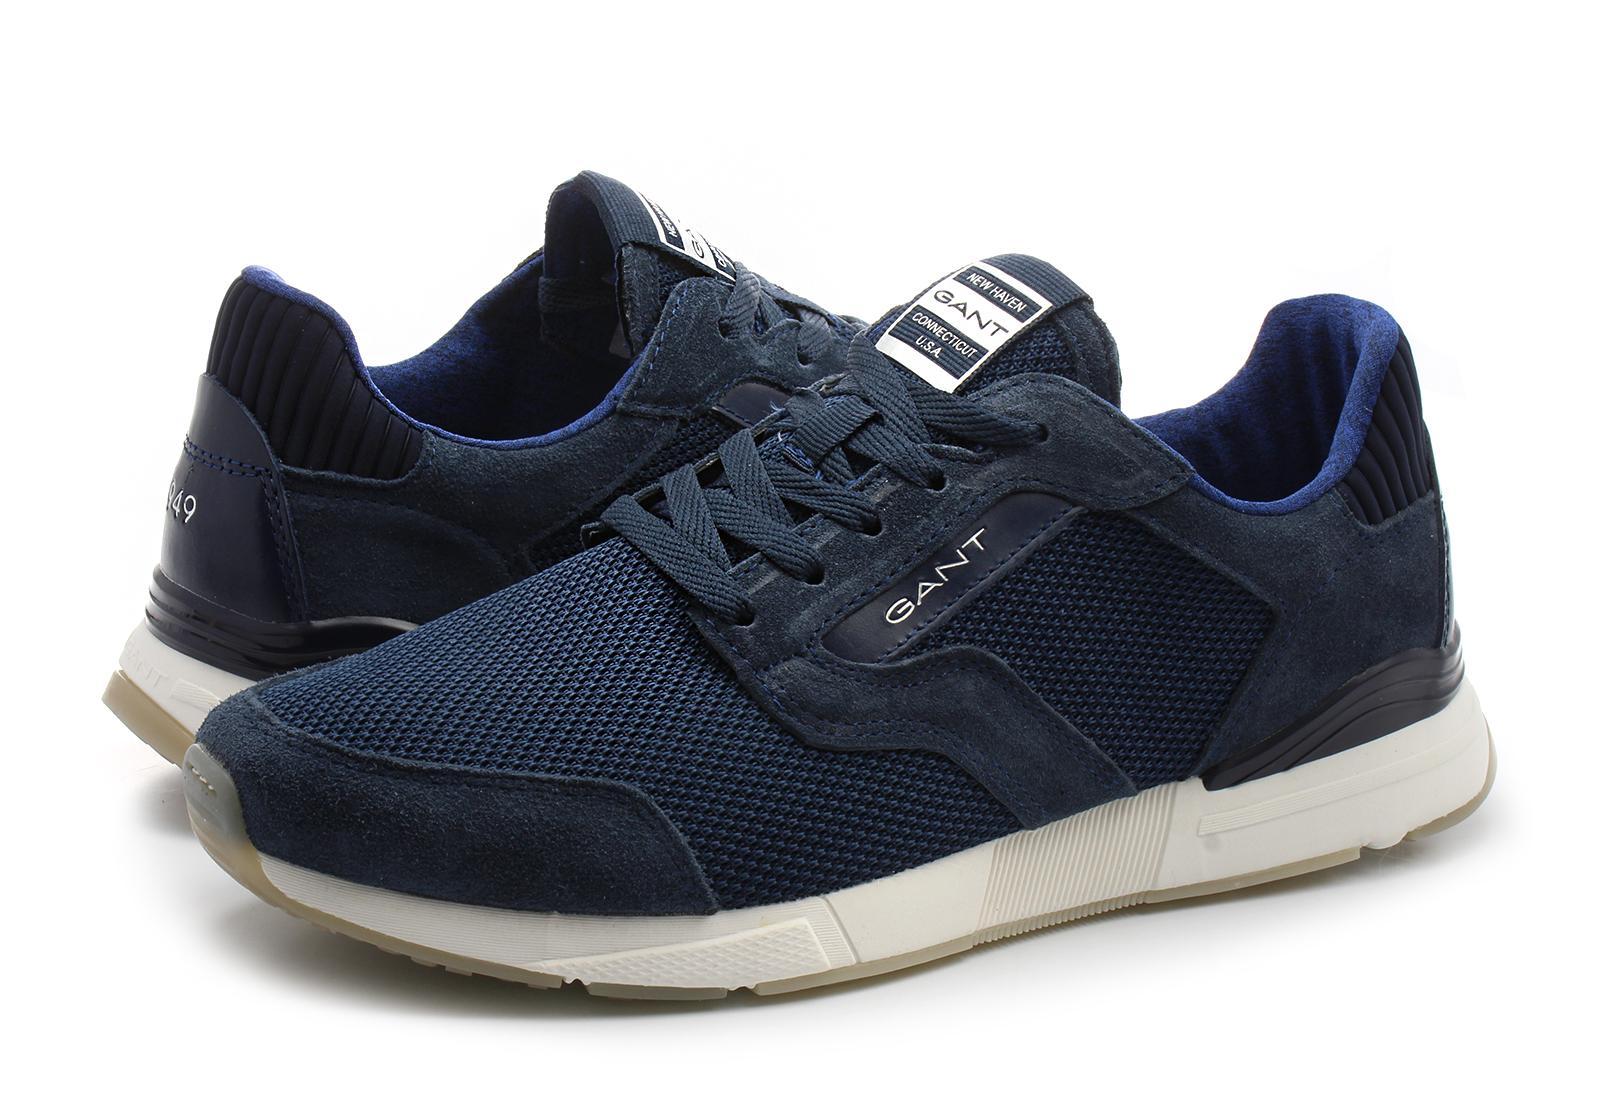 Gant Cipő - Andrew - 16637537-G69 - Office Shoes Magyarország 22975bd627